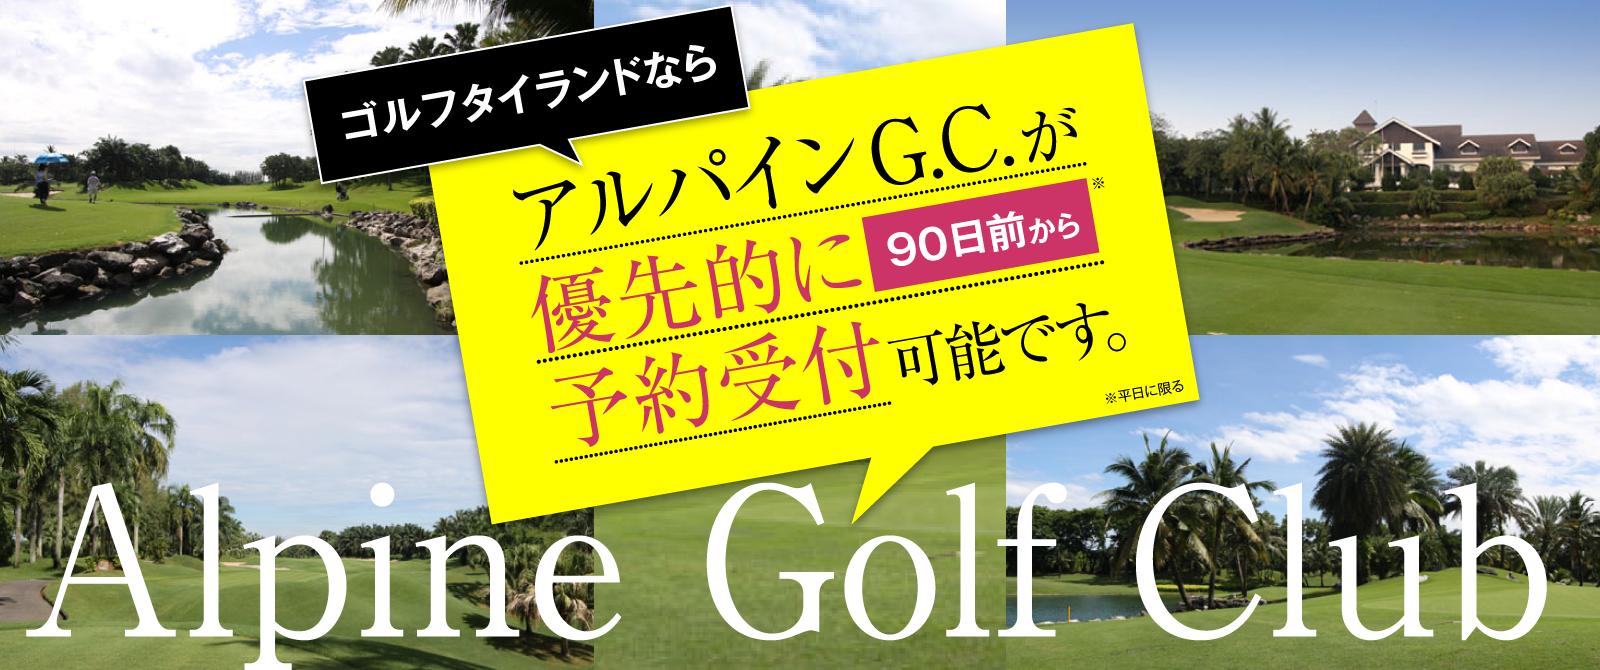 アルパイン・ゴルフクラブ:ゴルフタイランドなら優先的に90日前から予約可能